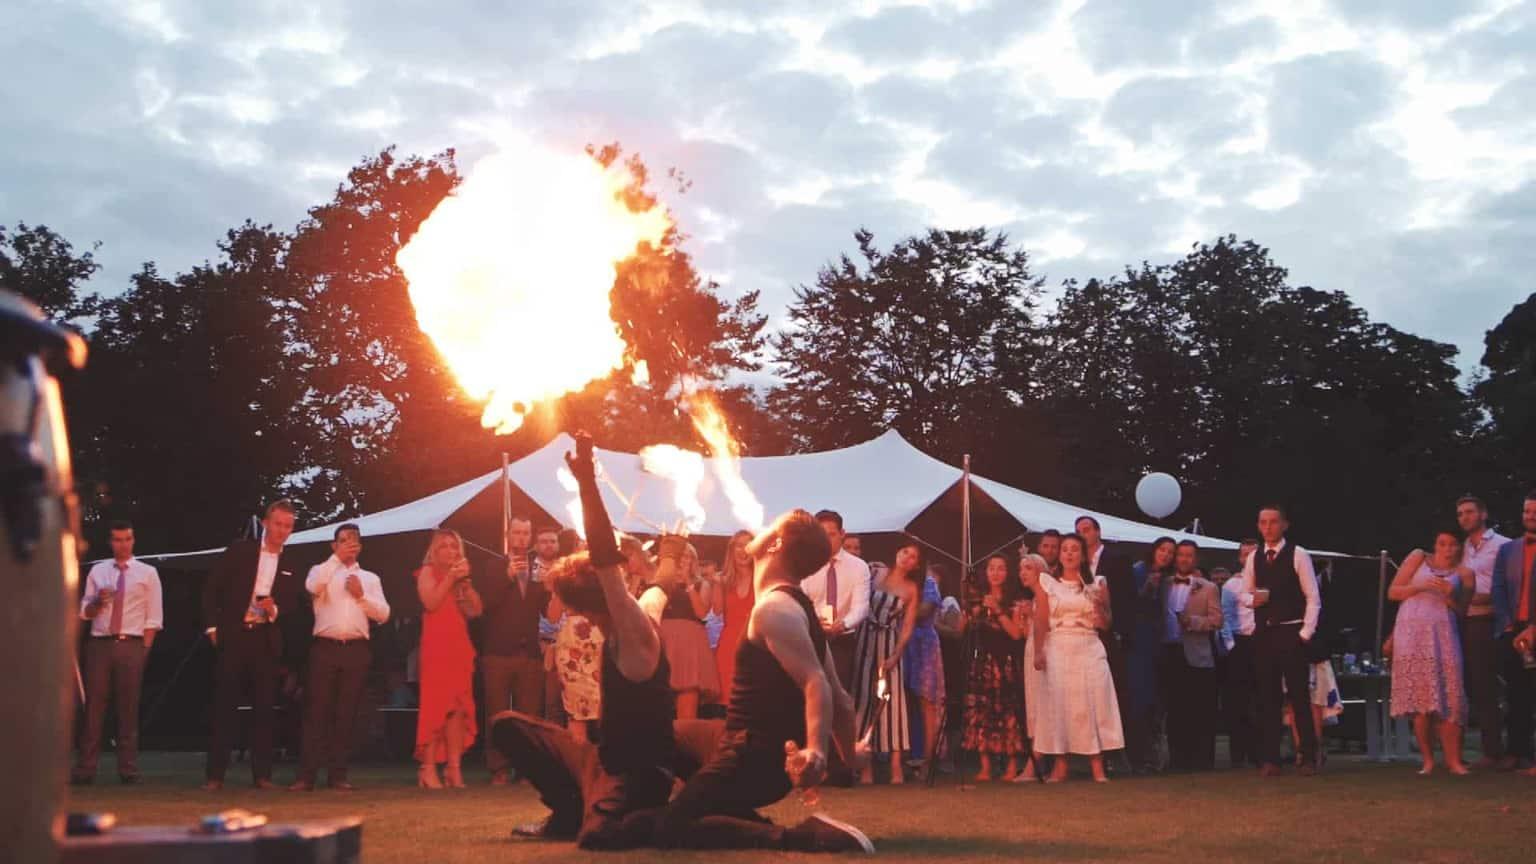 wedding guest admiring fire show